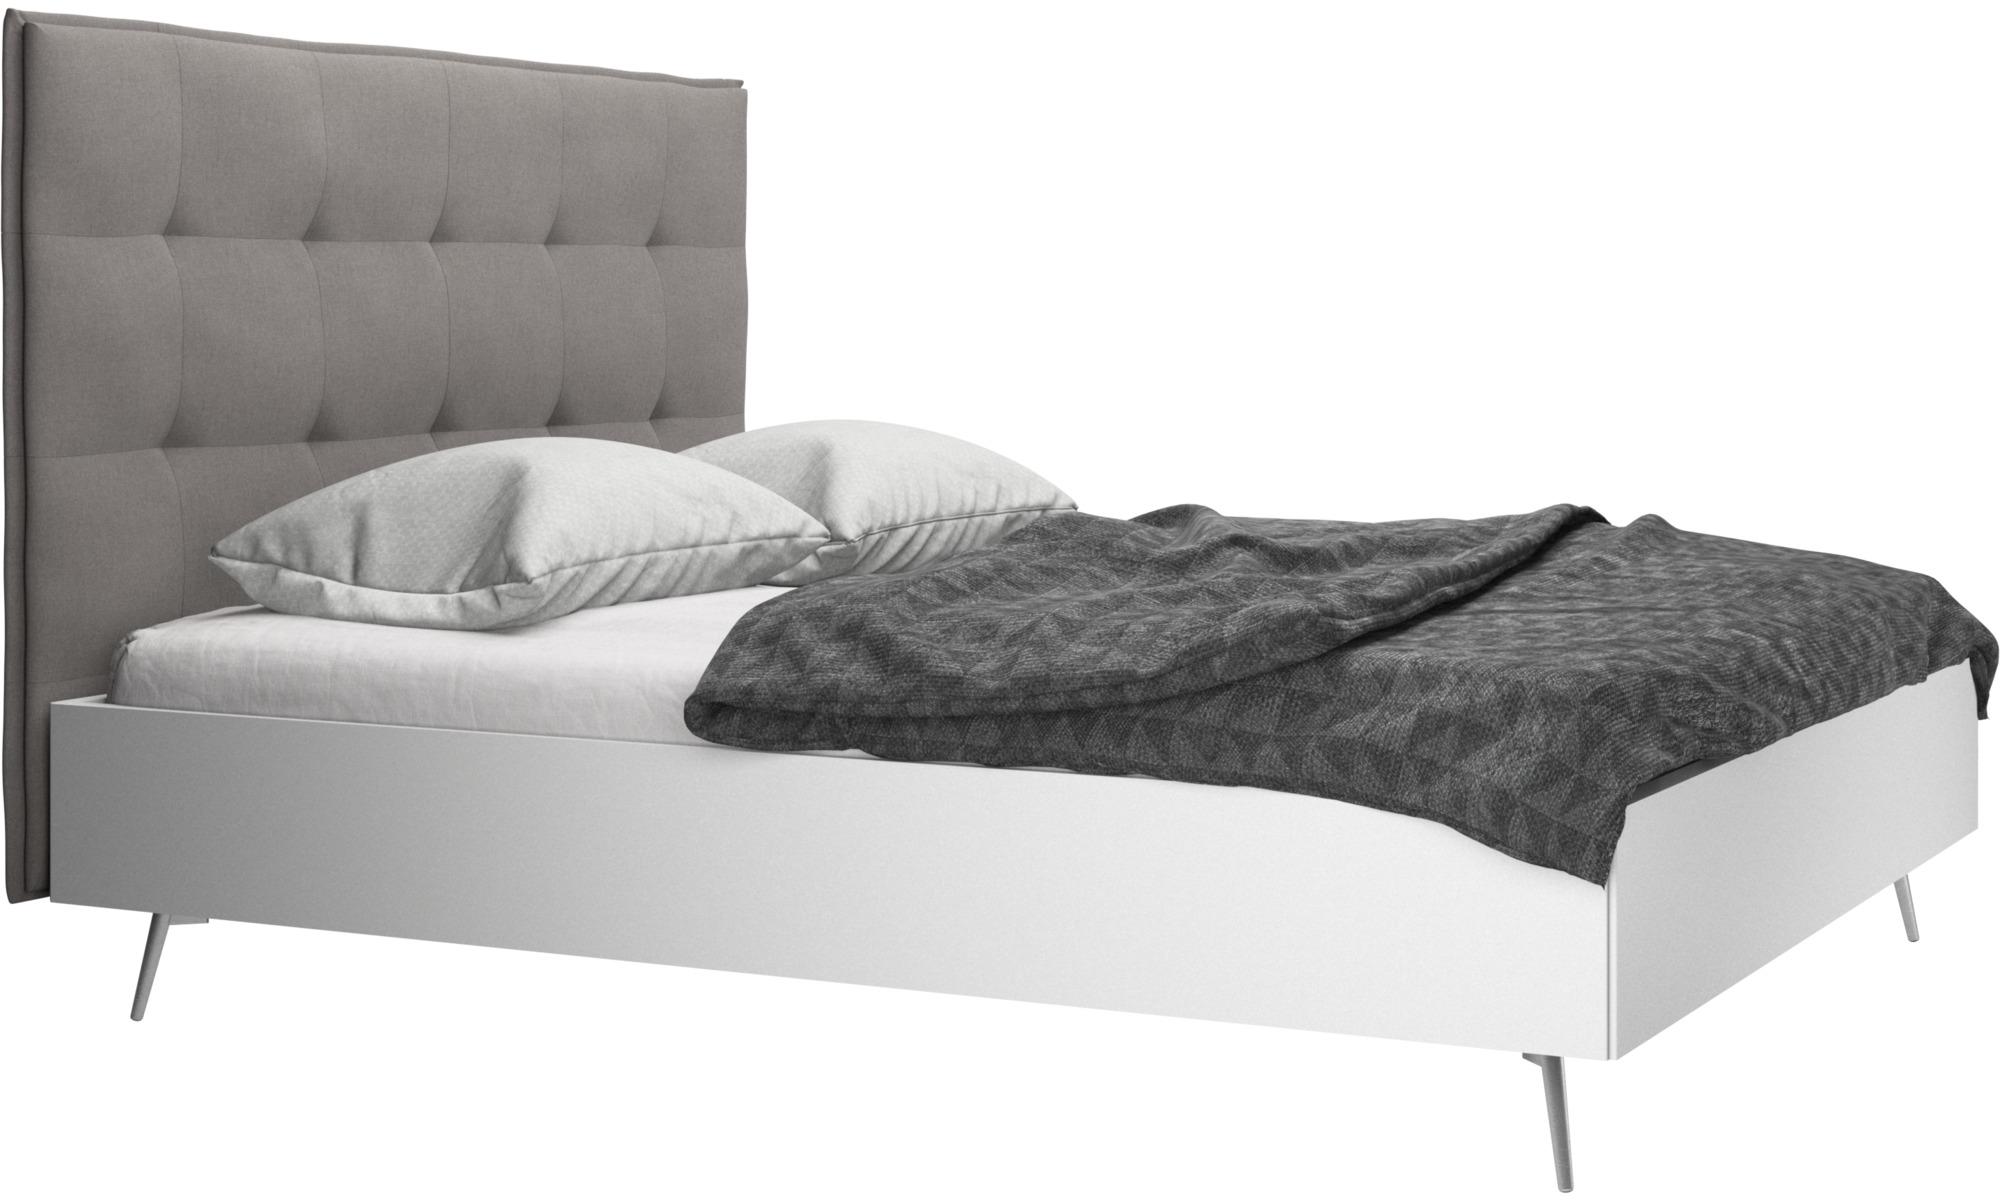 Camas - Cama Lugano, no incluye colchón - En gris - Tela